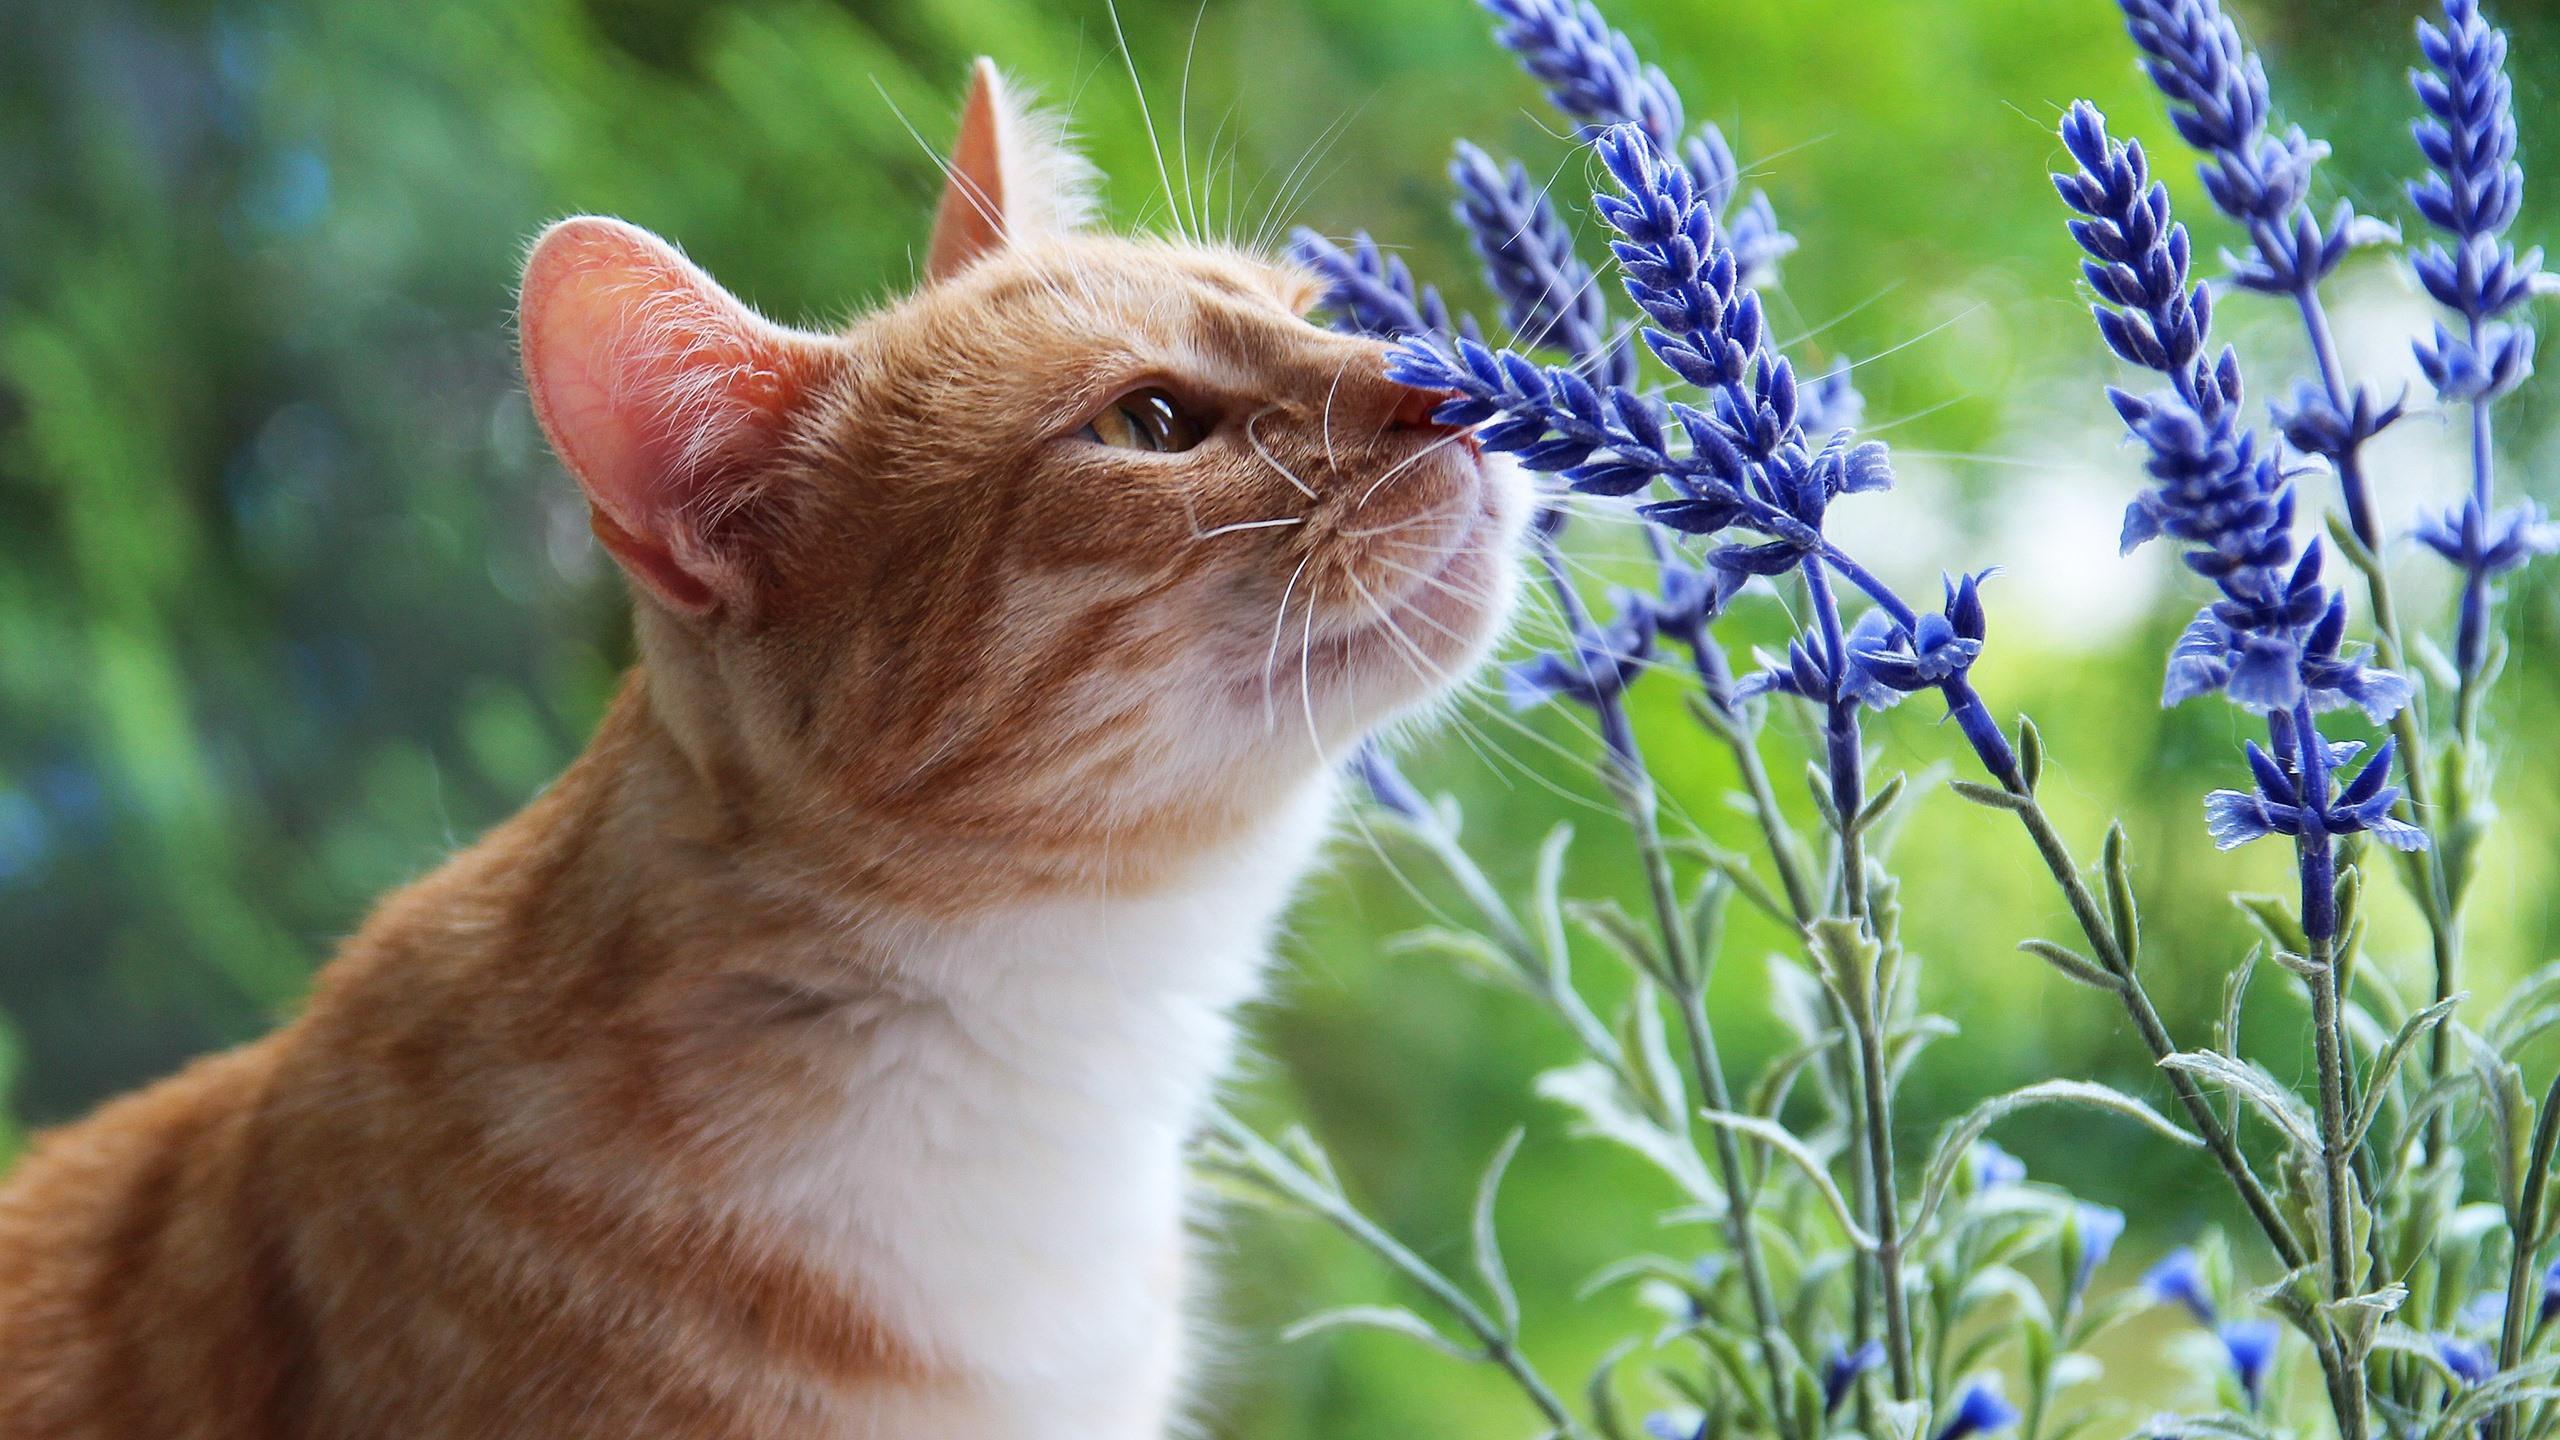 壁紙 猫とラベンダーの花 2560x1440 Qhd 無料のデスクトップの背景 画像